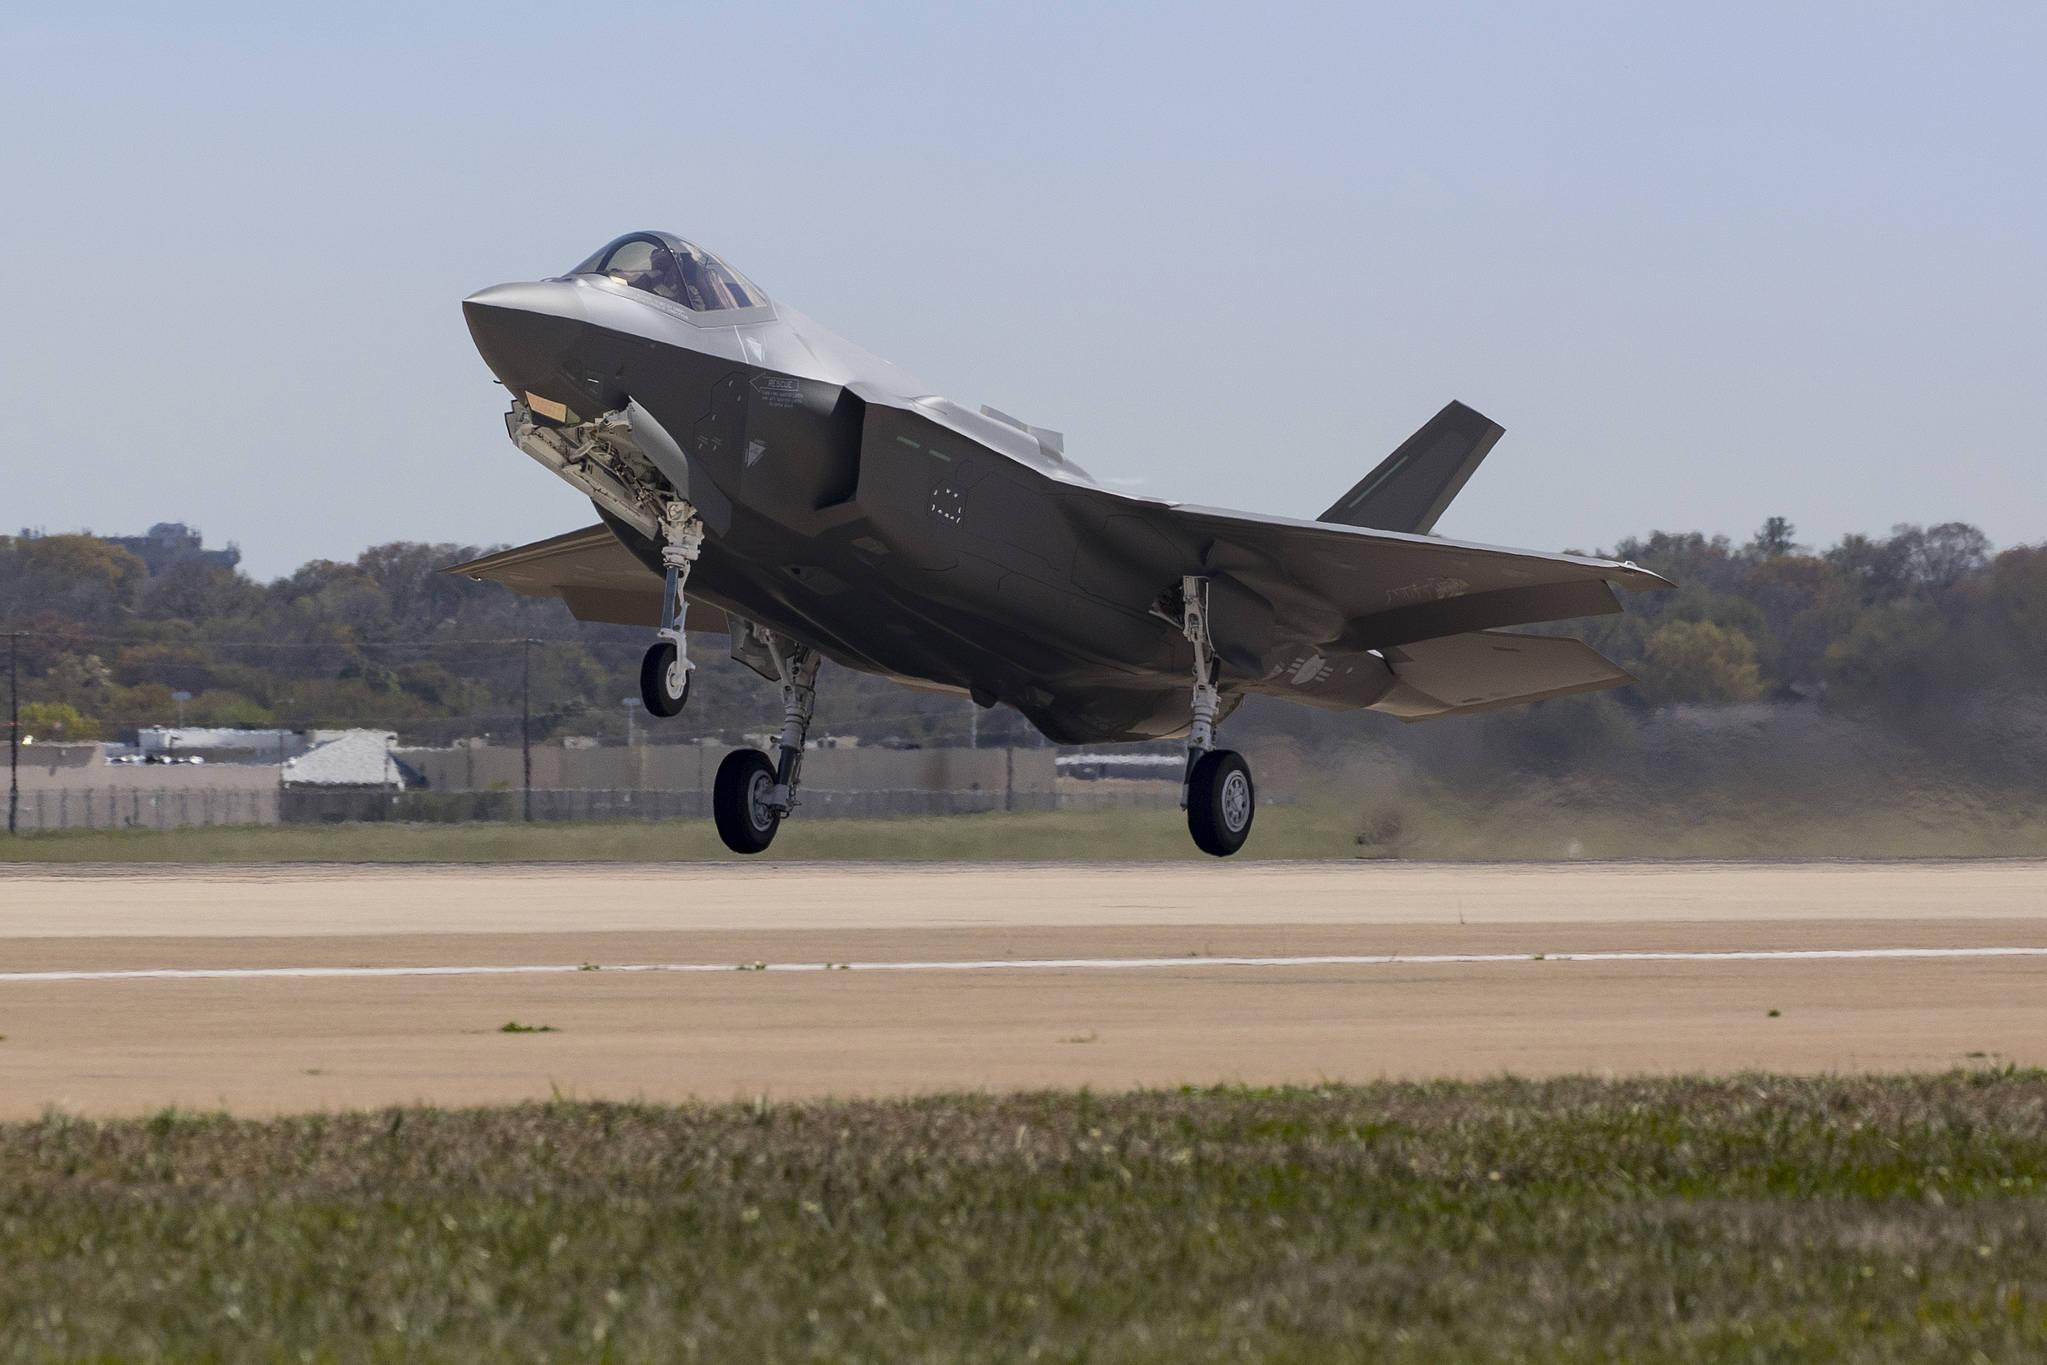 한국의 첫 최첨단 스텔스 전투기인 F-35A 1호기가 28일(현지시간) 미국 록히드마틴사 최종 조립공장에서 출고됐다. [사진 방위사업청]